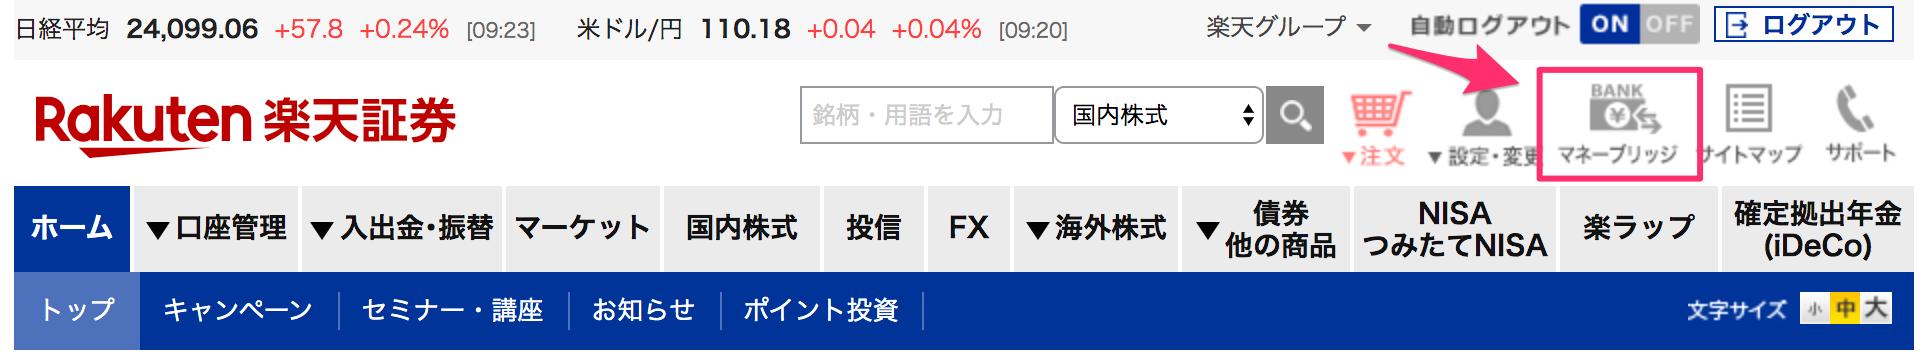 楽天証券トップページのマネーブリッジ遷移ボタン